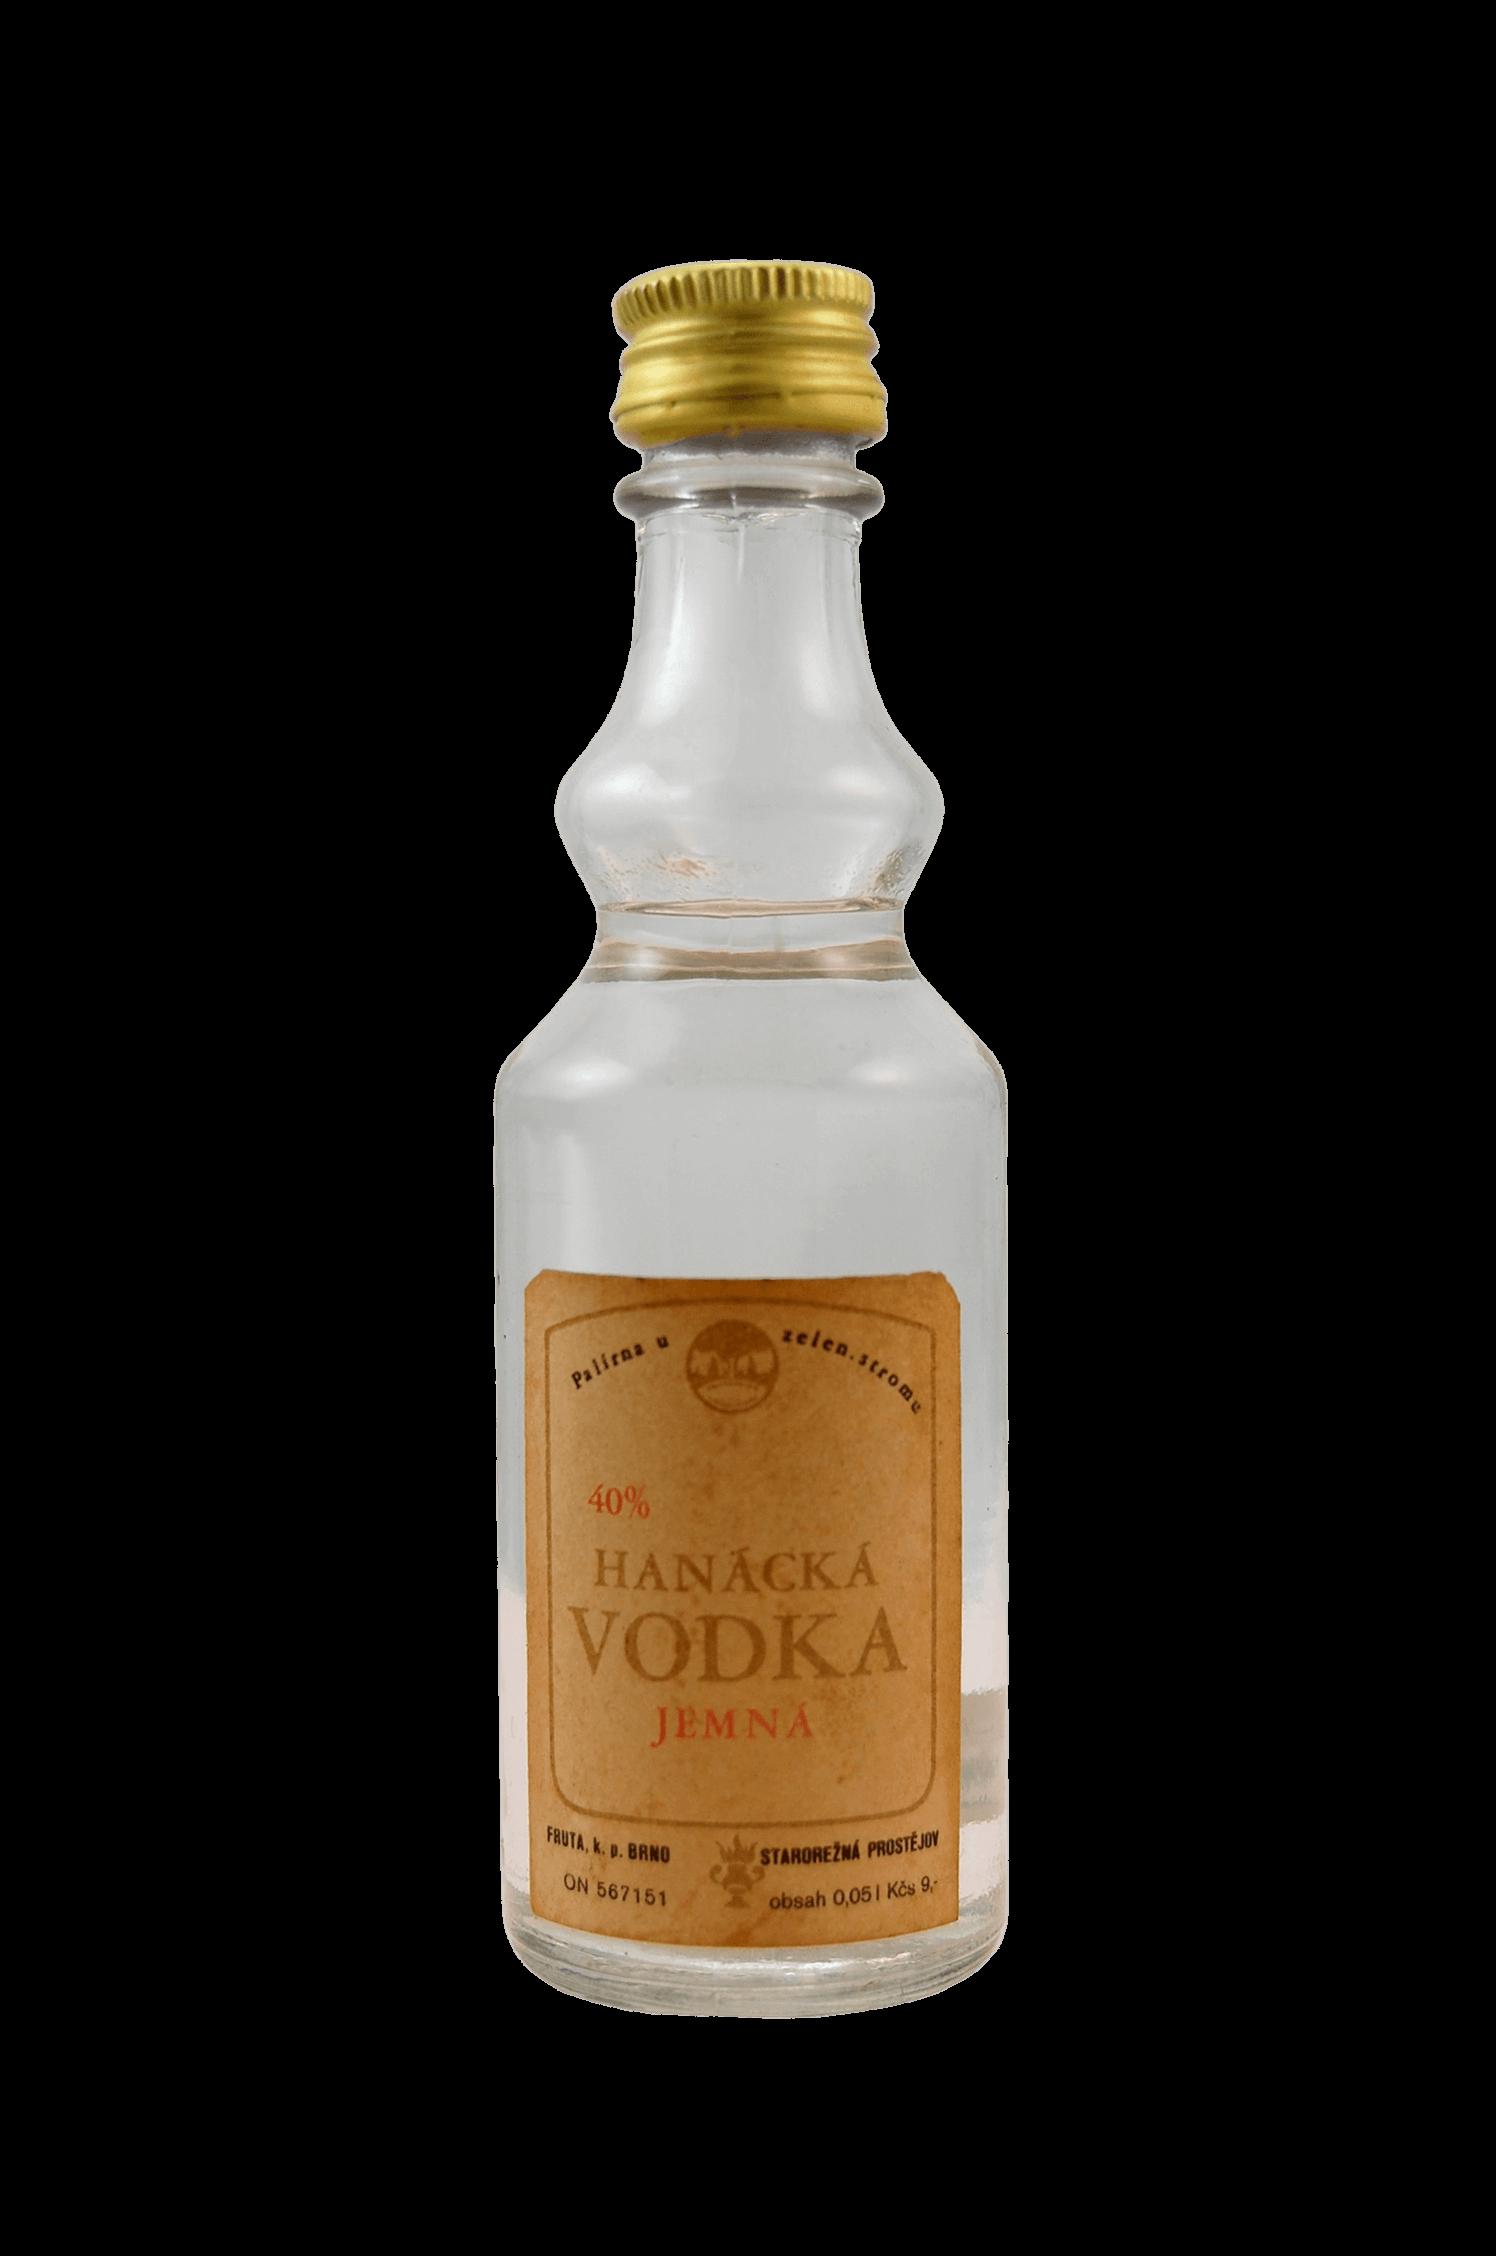 Hanácka Vodka Jemná